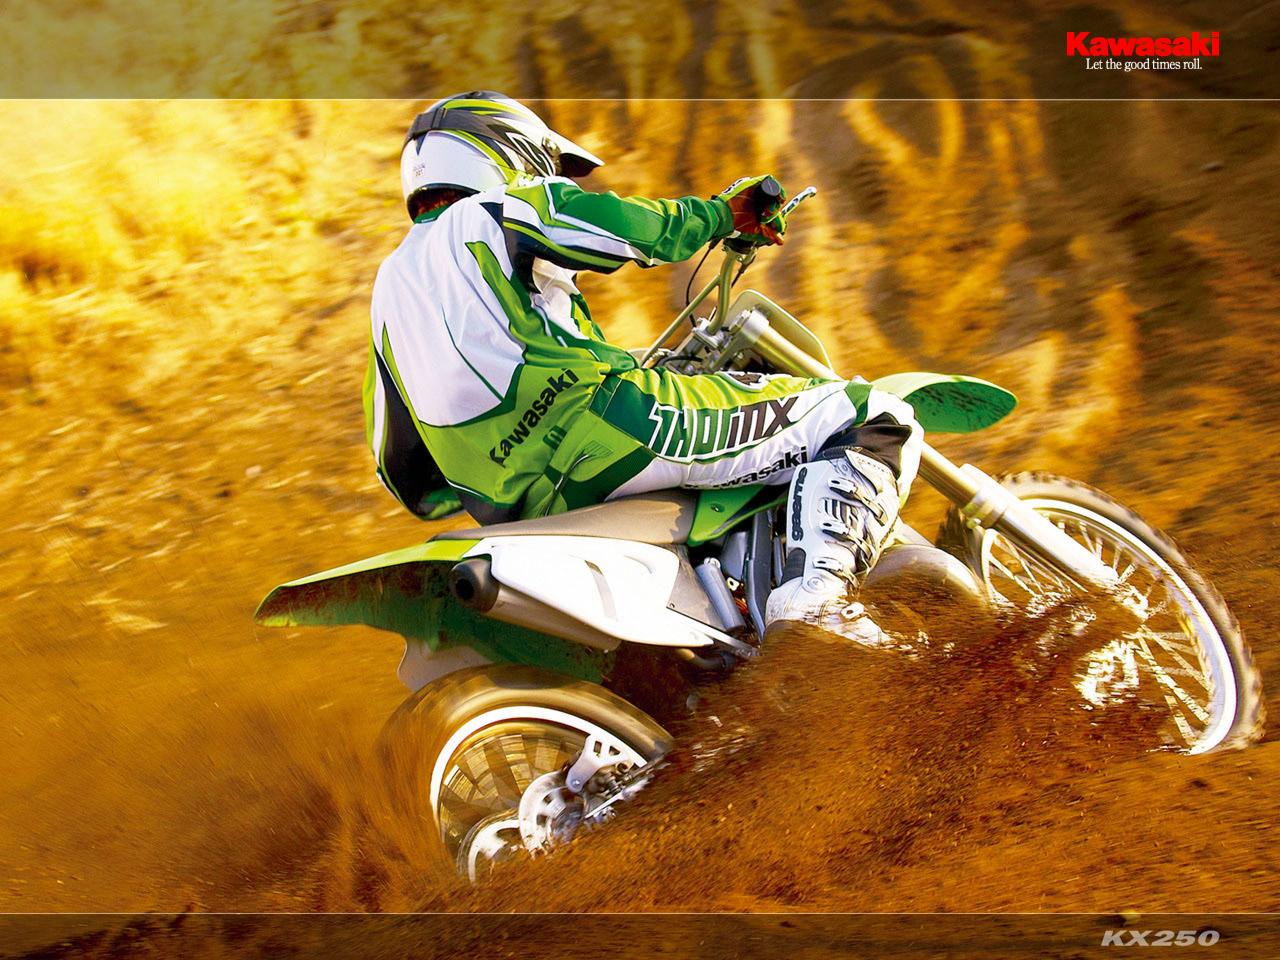 Мотокросс, песок, скорость, байк, мотоцикл, кроссовый байк